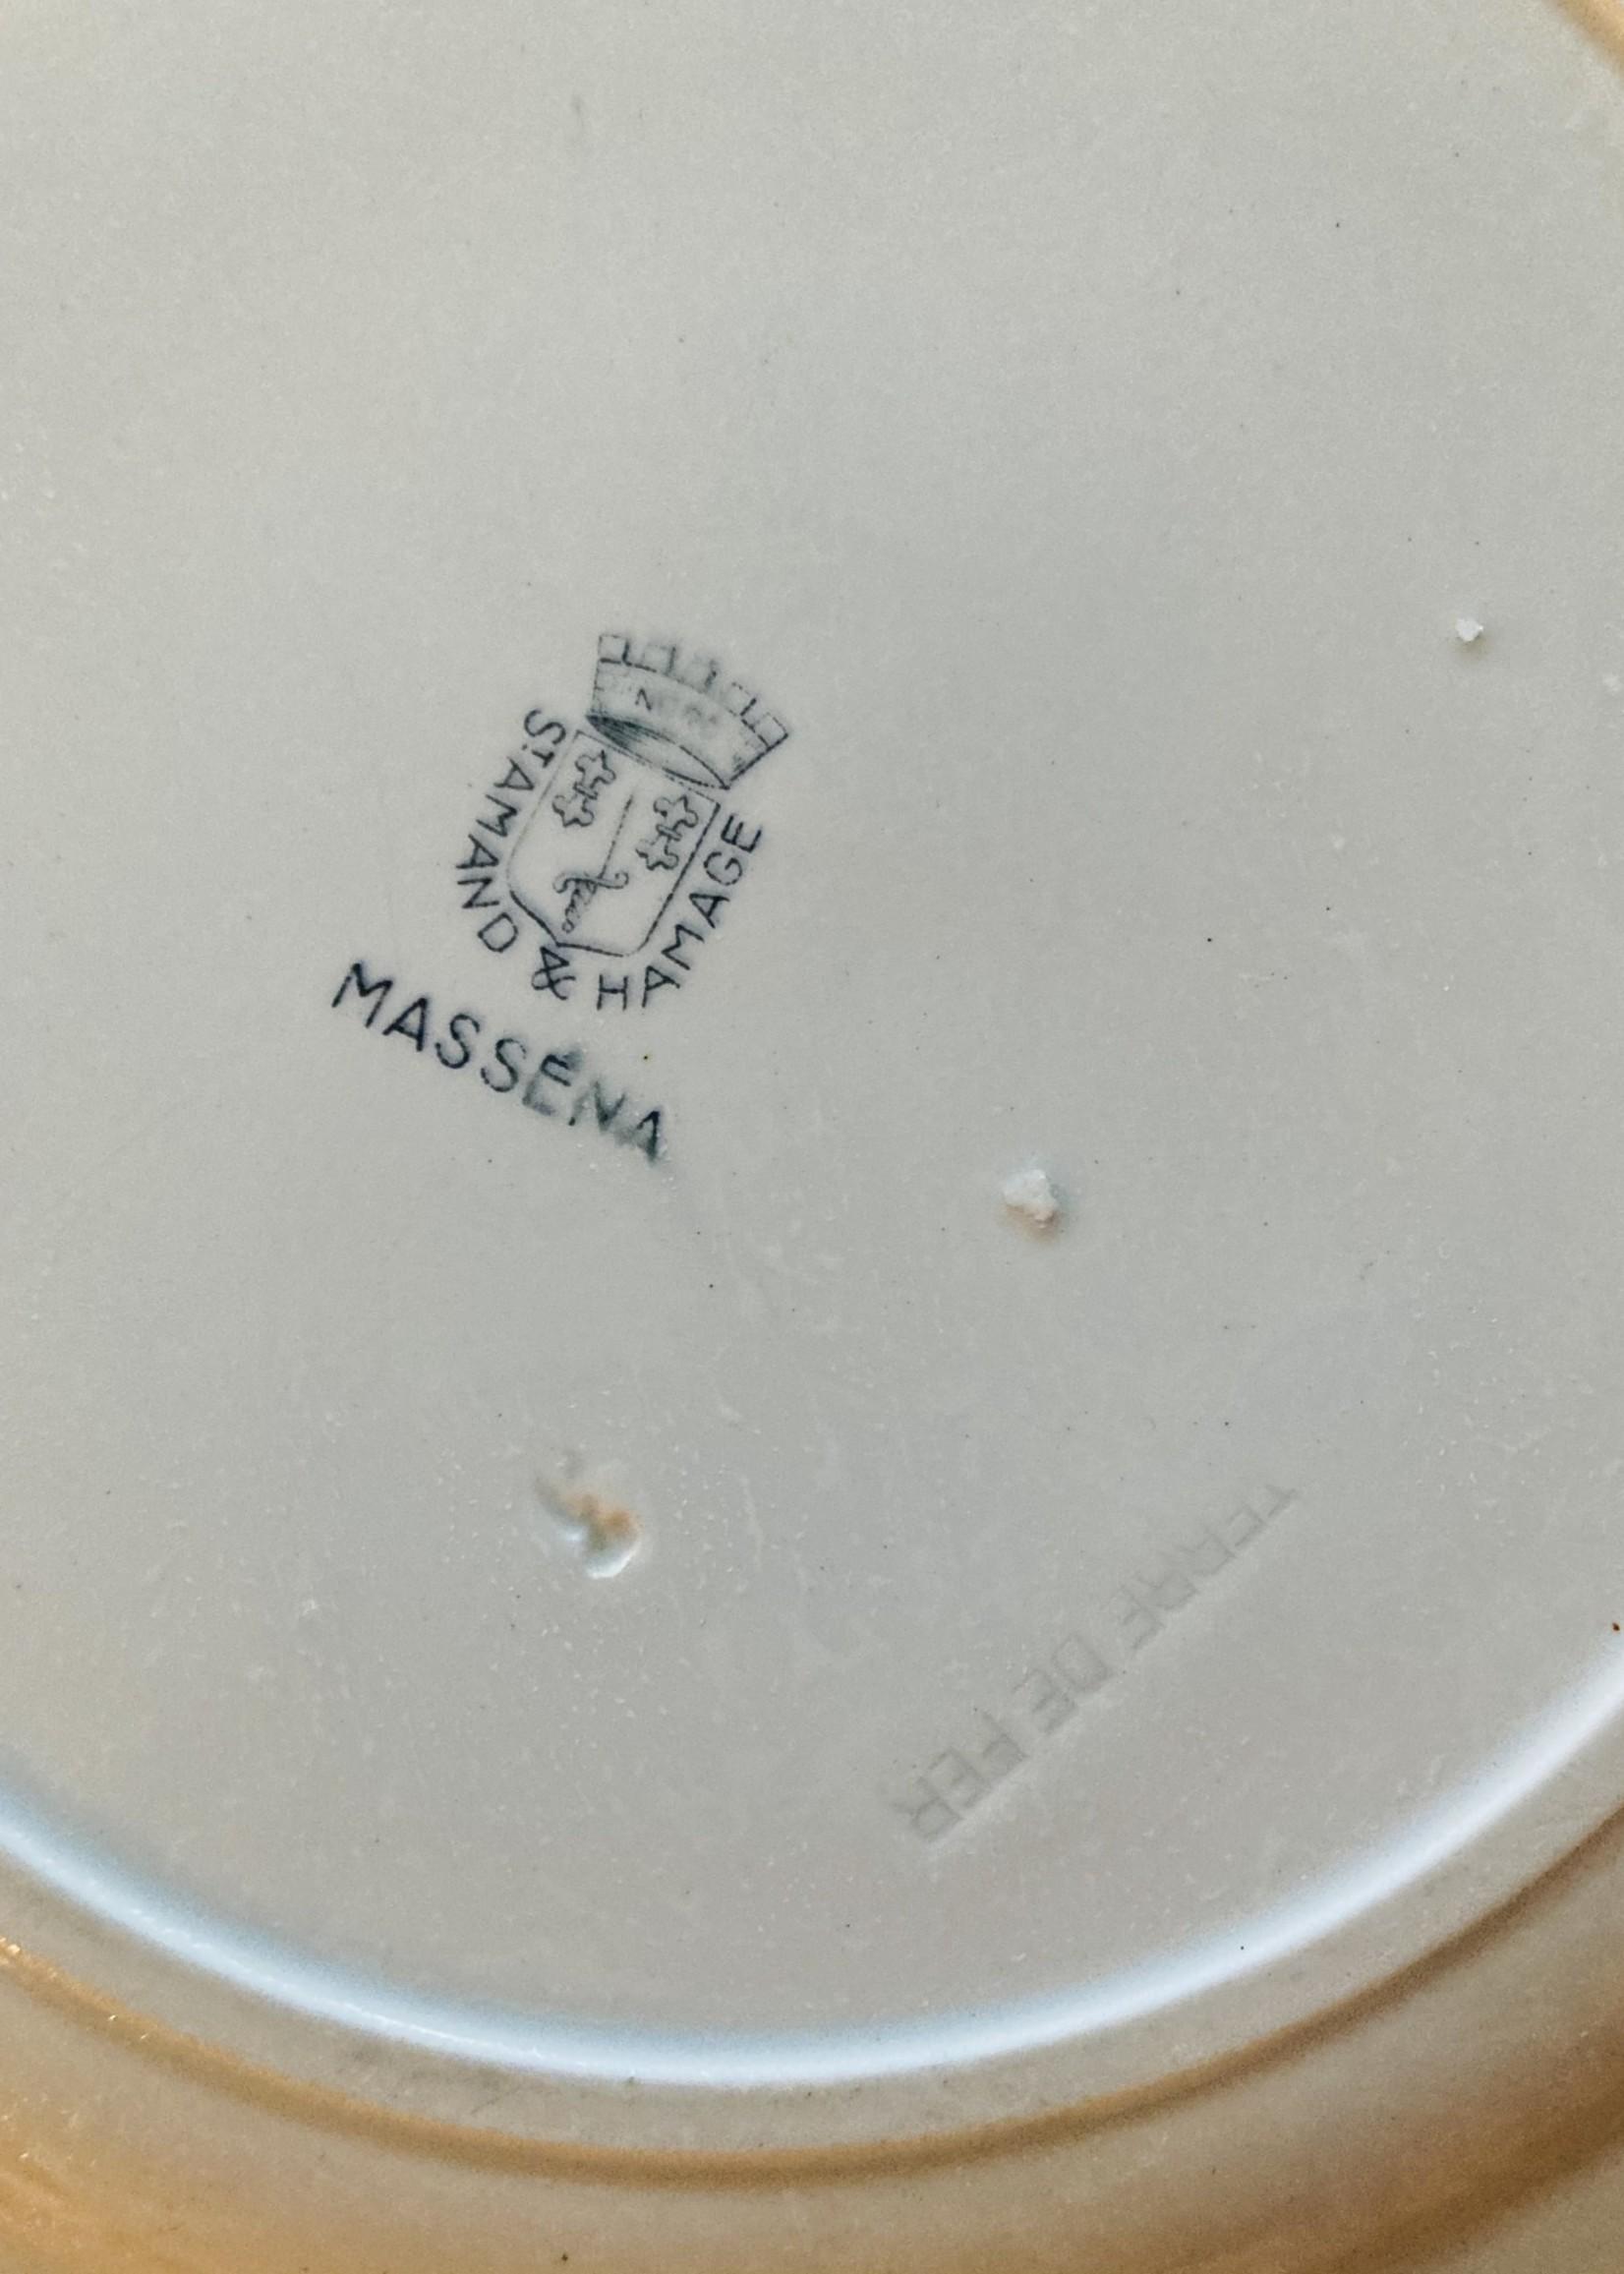 Round serving Dish Terre de Fer St Amand & Hamage Décor Masséna